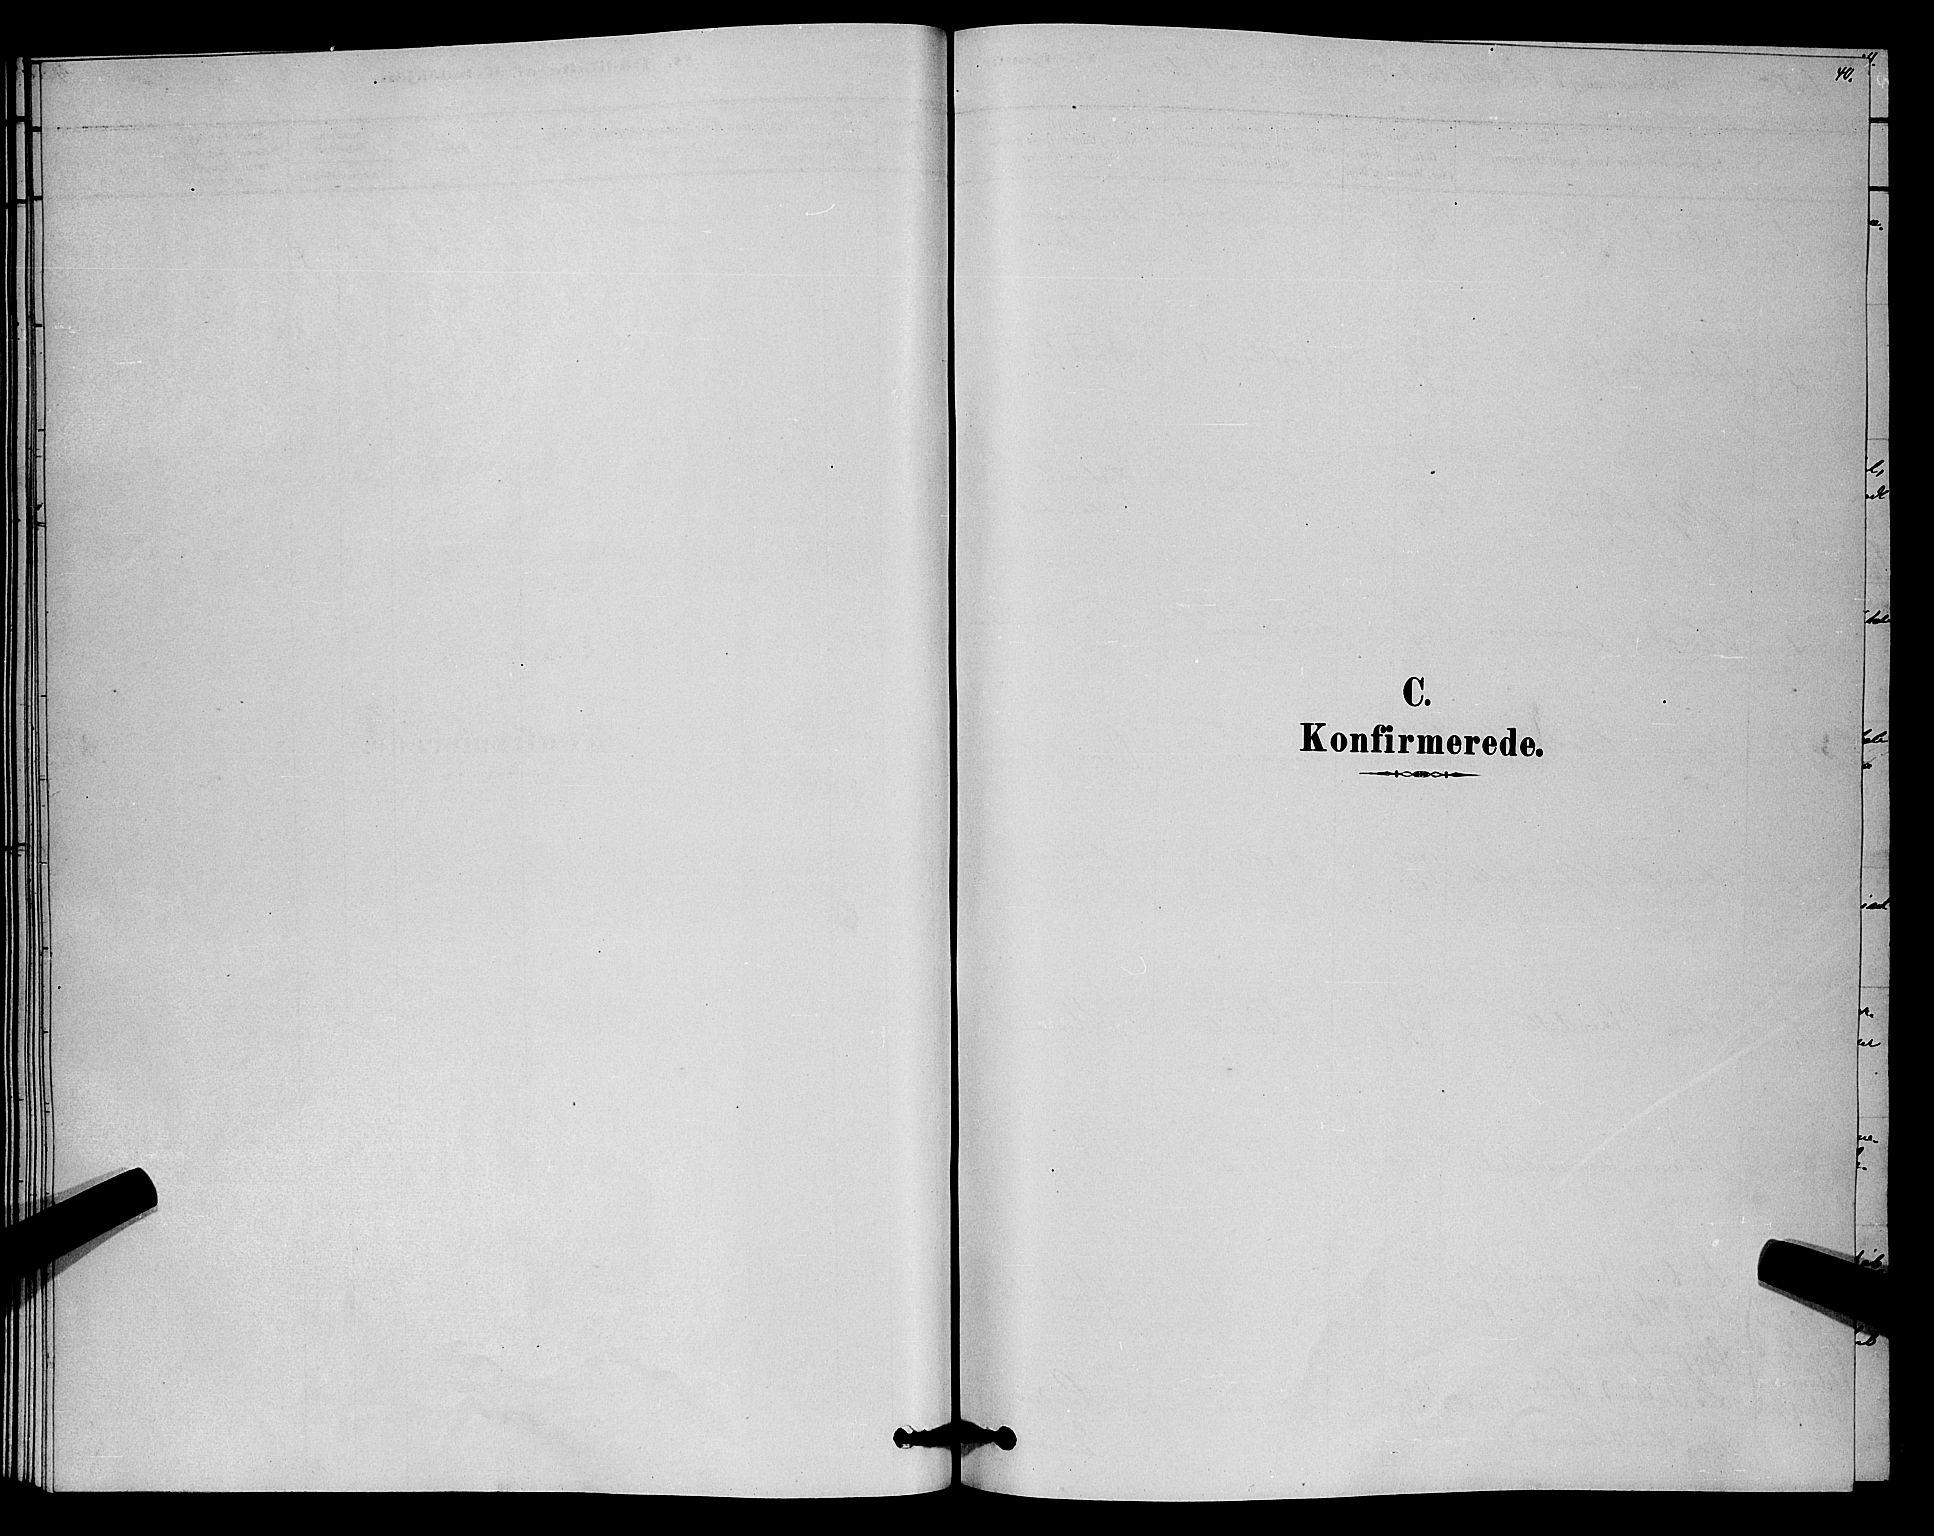 SAKO, Lårdal kirkebøker, G/Gc/L0003: Klokkerbok nr. III 3, 1878-1890, s. 40